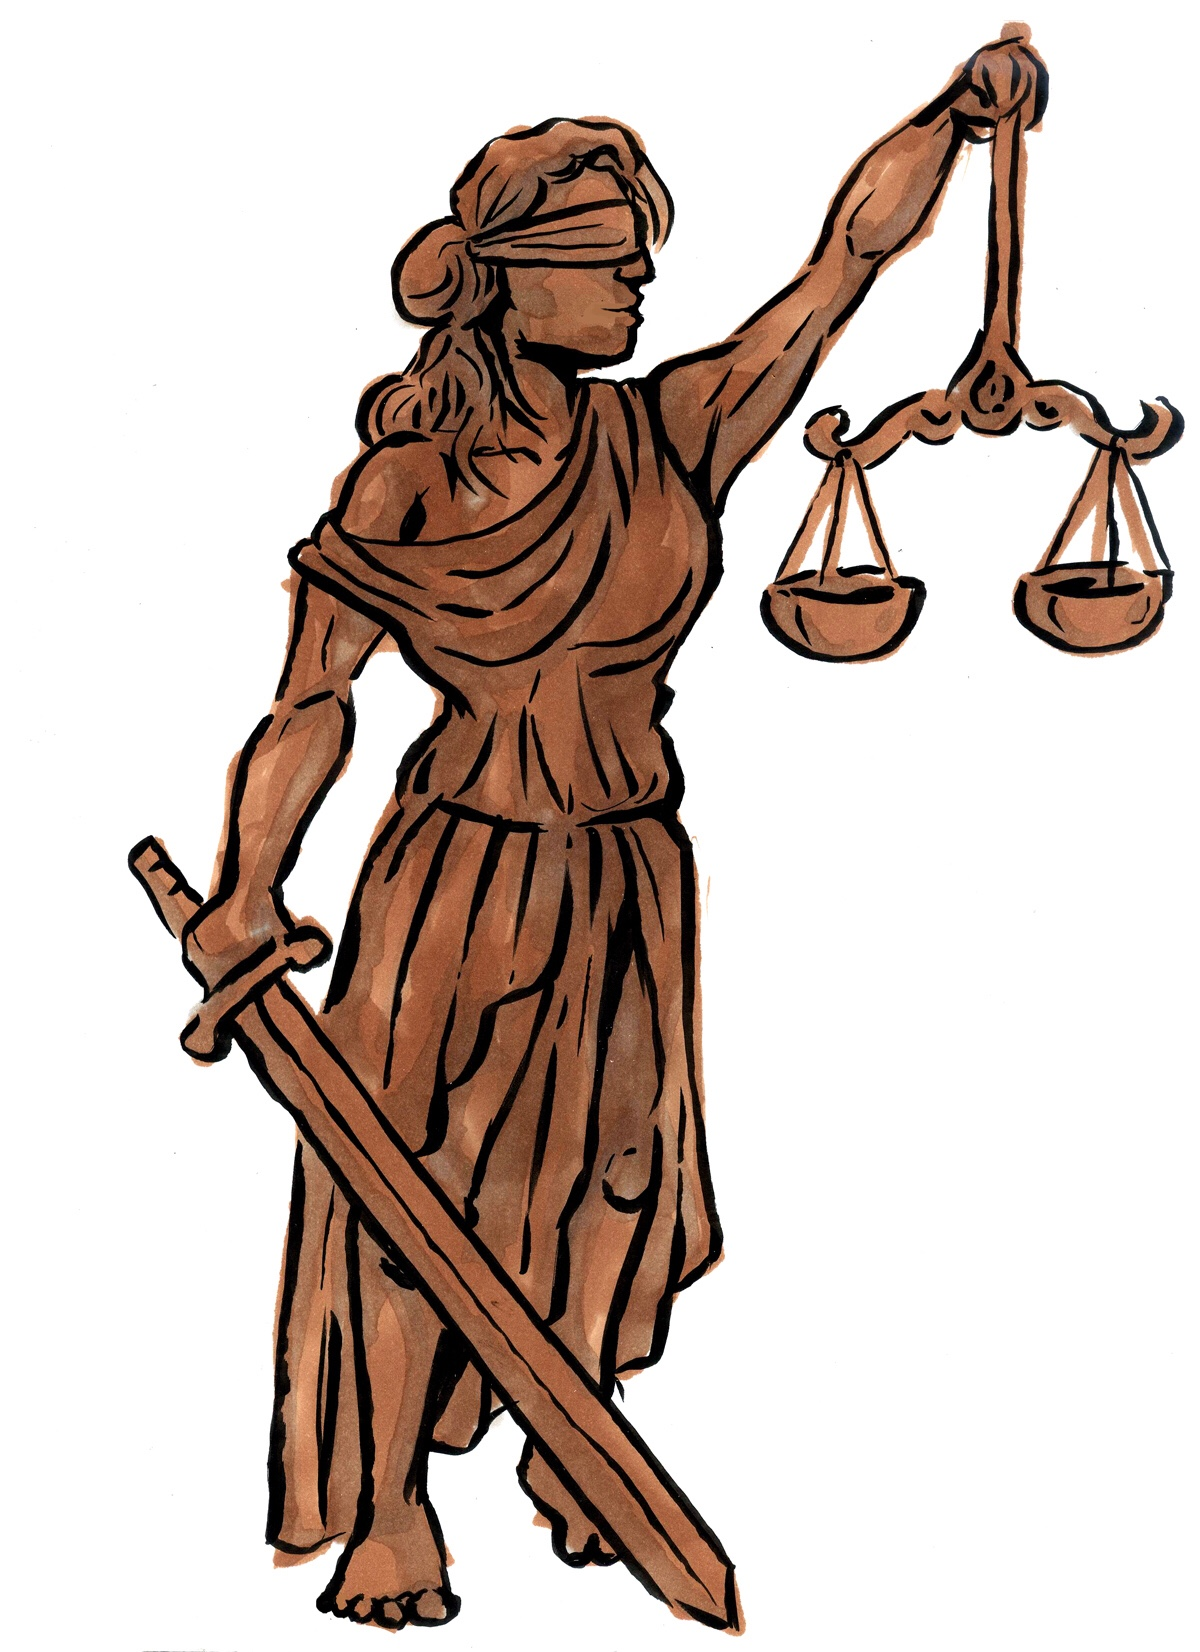 Verdades y mentiras sobre la independencia judicial.